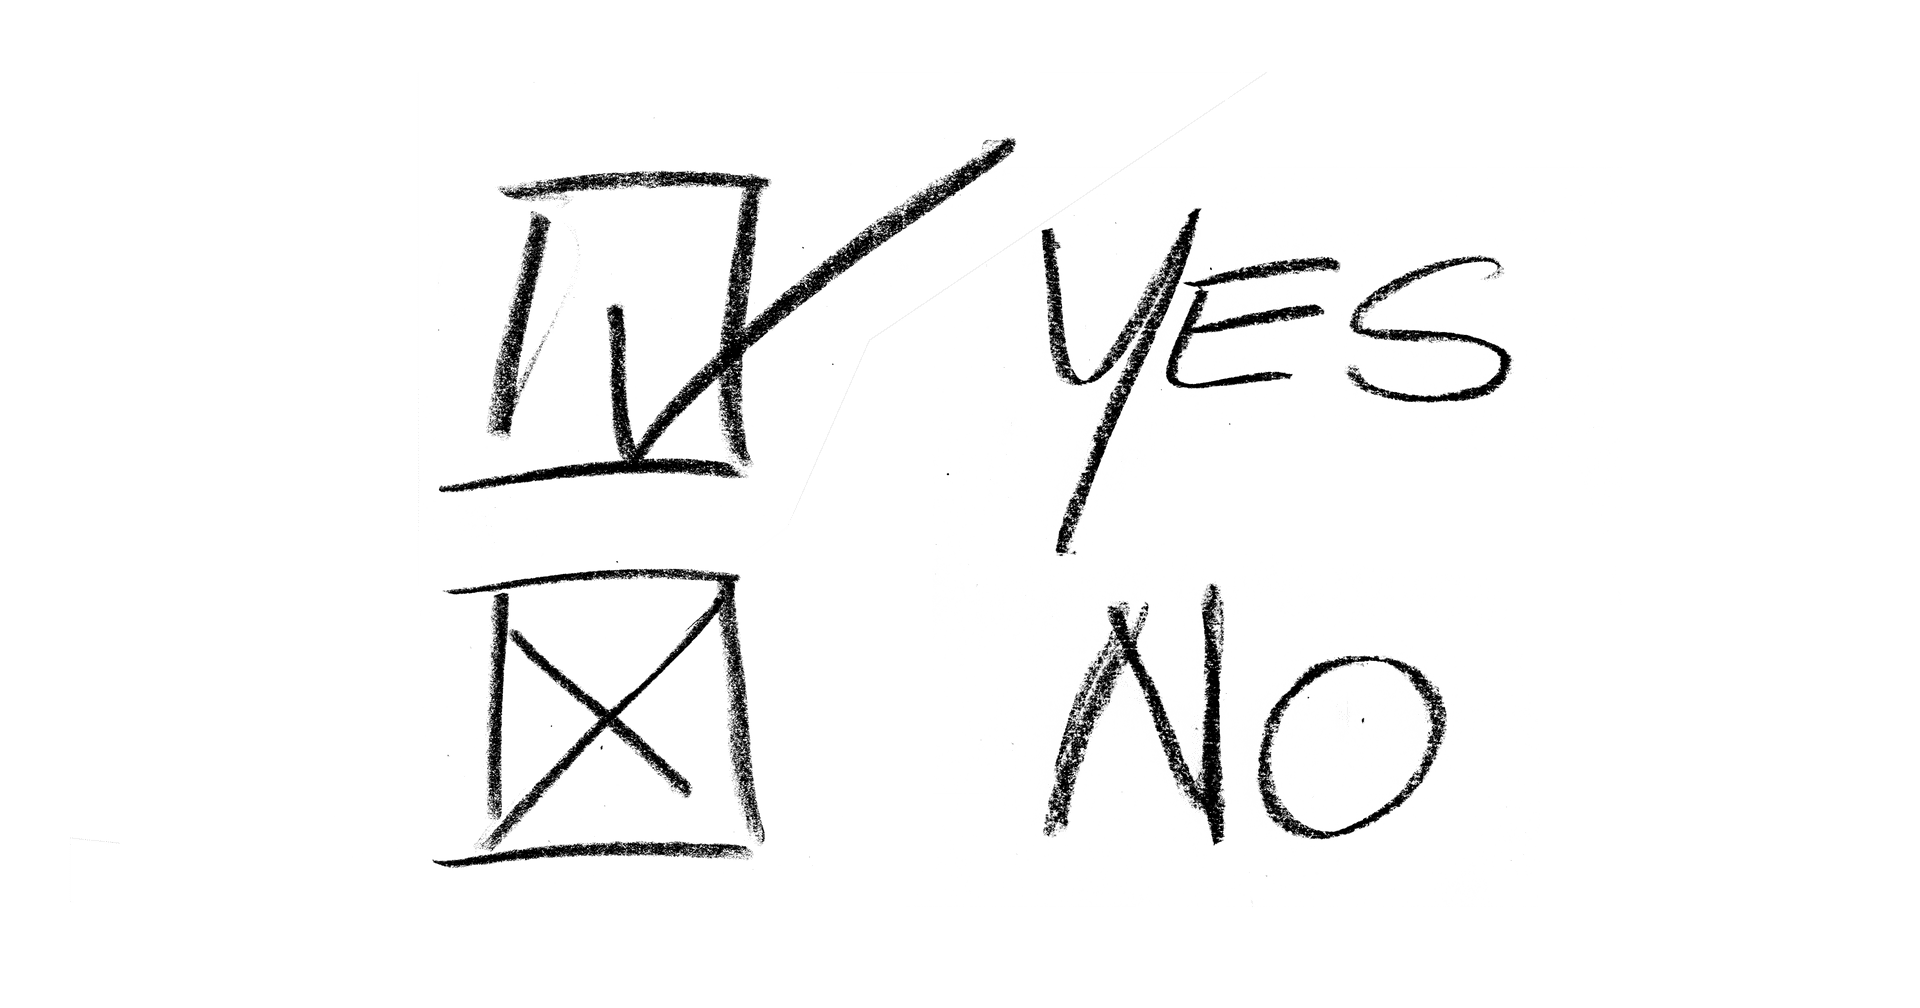 Narzędzia - checklista